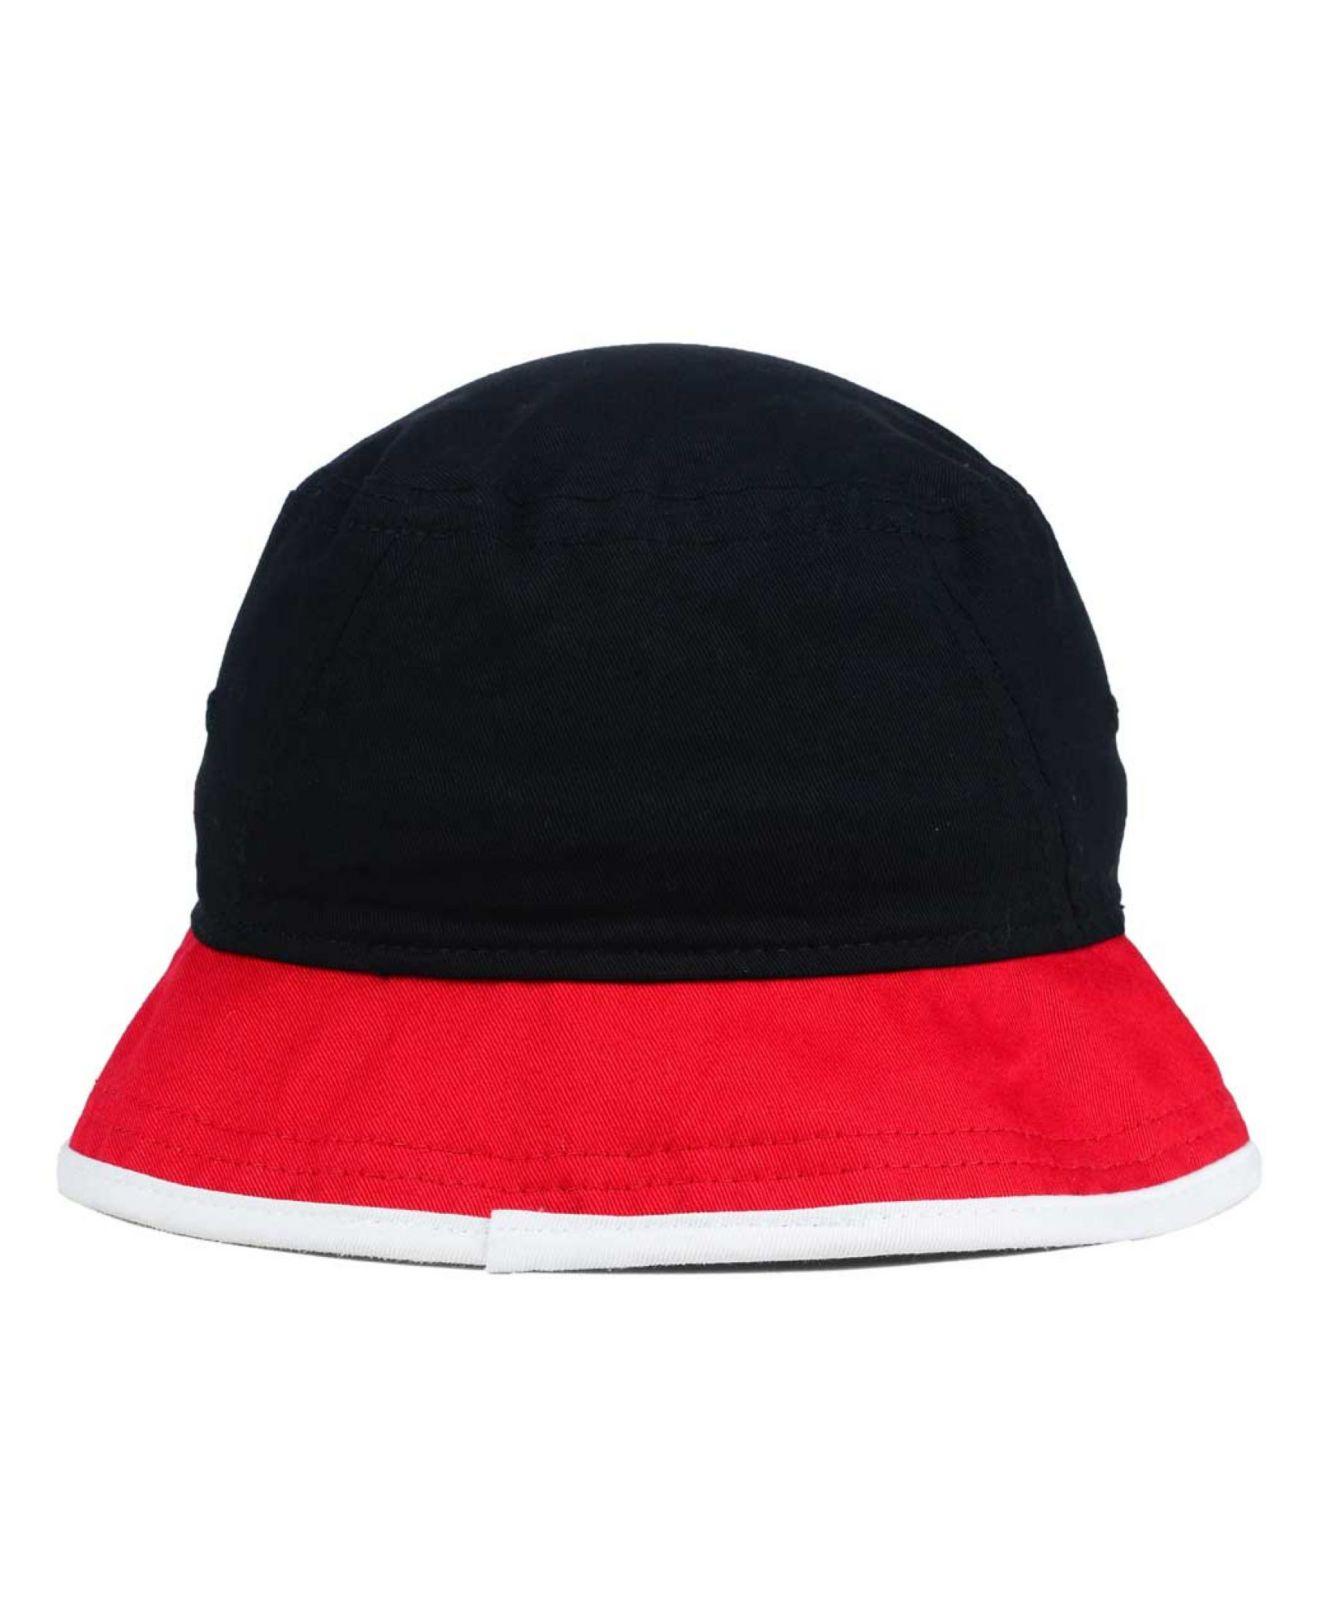 ceee2ea0c buy chicago bulls bucket hat 365a7 e714c